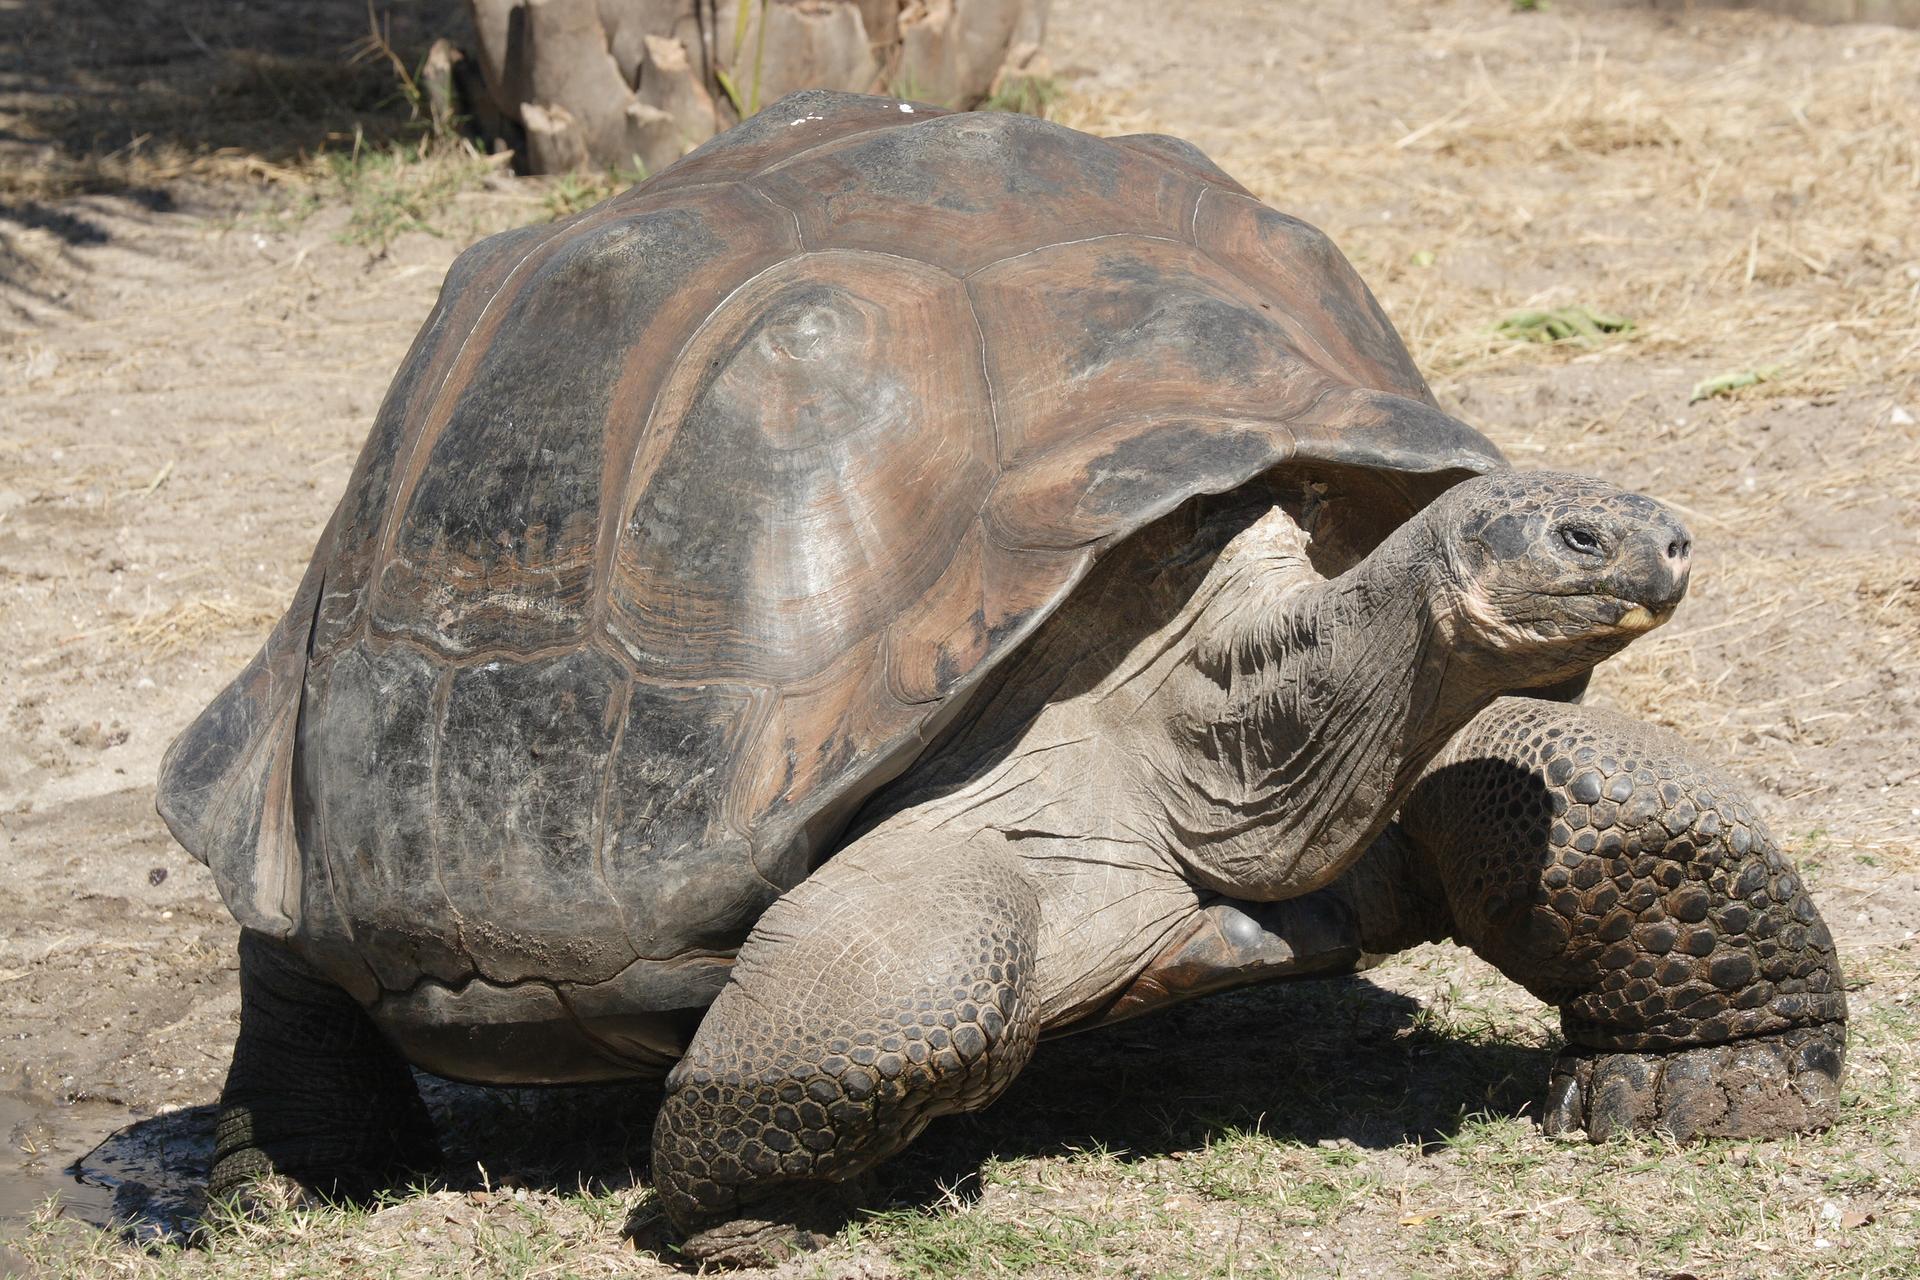 Zdjęcie przedstawiające żółwia słoniowego. Ciało zwierzęcia jest szare. Żółw unosi się na grubych nogach. Pysk porusza się po lądzie, stoi na czterech krótkich, grubych kończynach. Pancerz żółwia ma wysokość równą szerokości. Głowa mała, umieszczona na krótkiej szyi. Całę ciało żółwia jest szare.